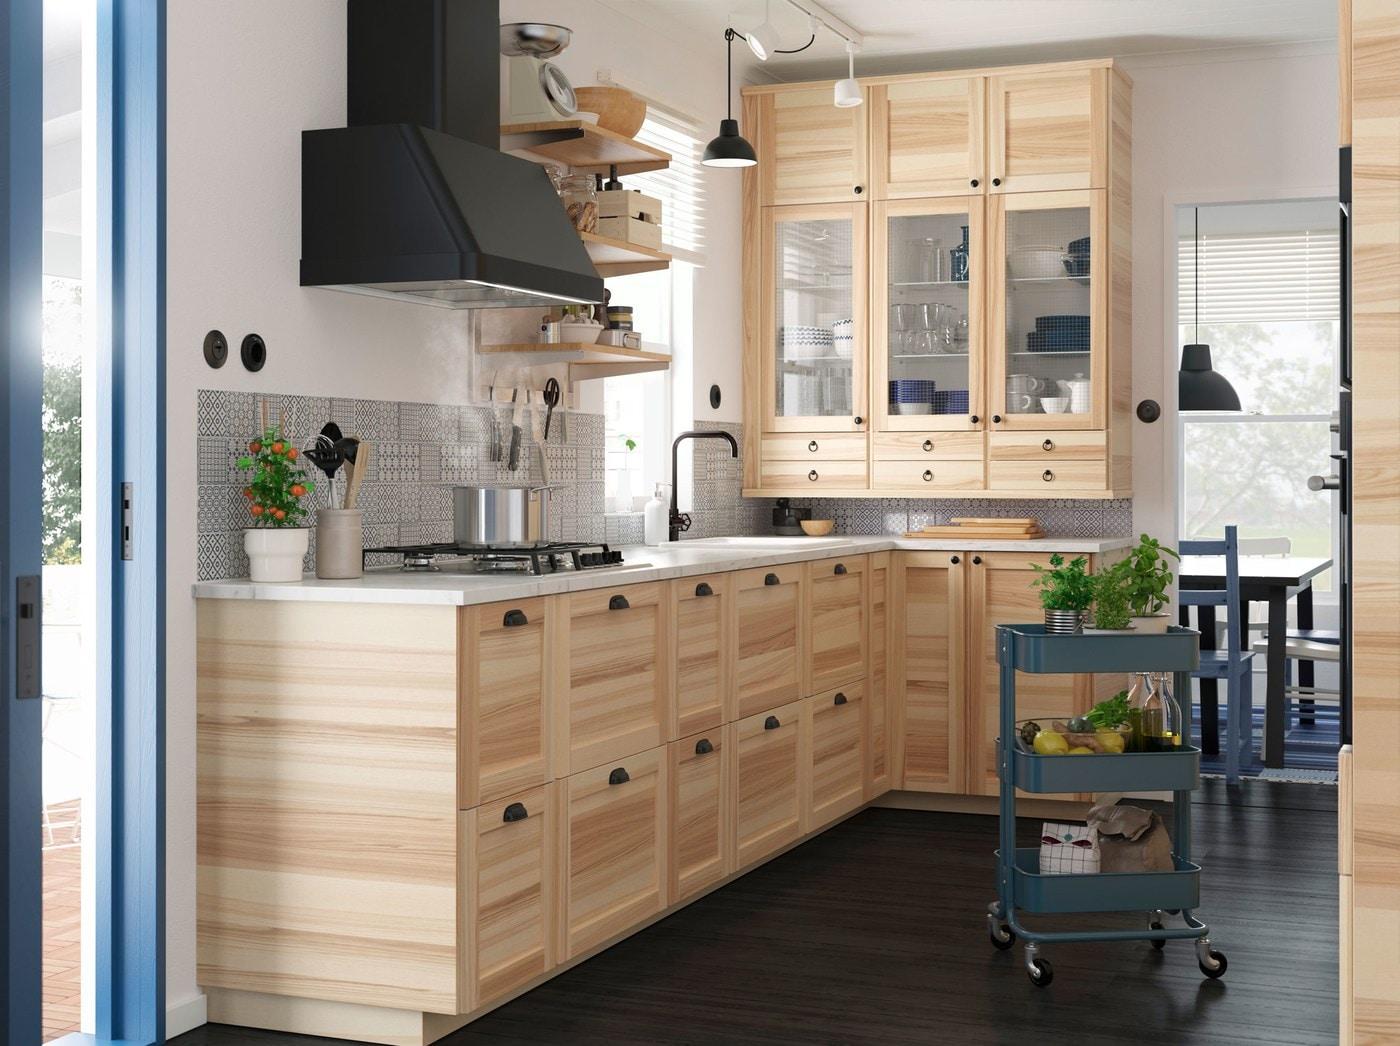 キッチンにIKEA TORHAMN/トルハムン 無垢材のキッチン前部システムを設置することでナチュラルな雰囲気が生まれます。また、METOD/メトードは豊富な種類のキャビネットや引き出しがそろっています。あなたのニーズをすみずみまで満たすキッチンをデザインしてみませんか。